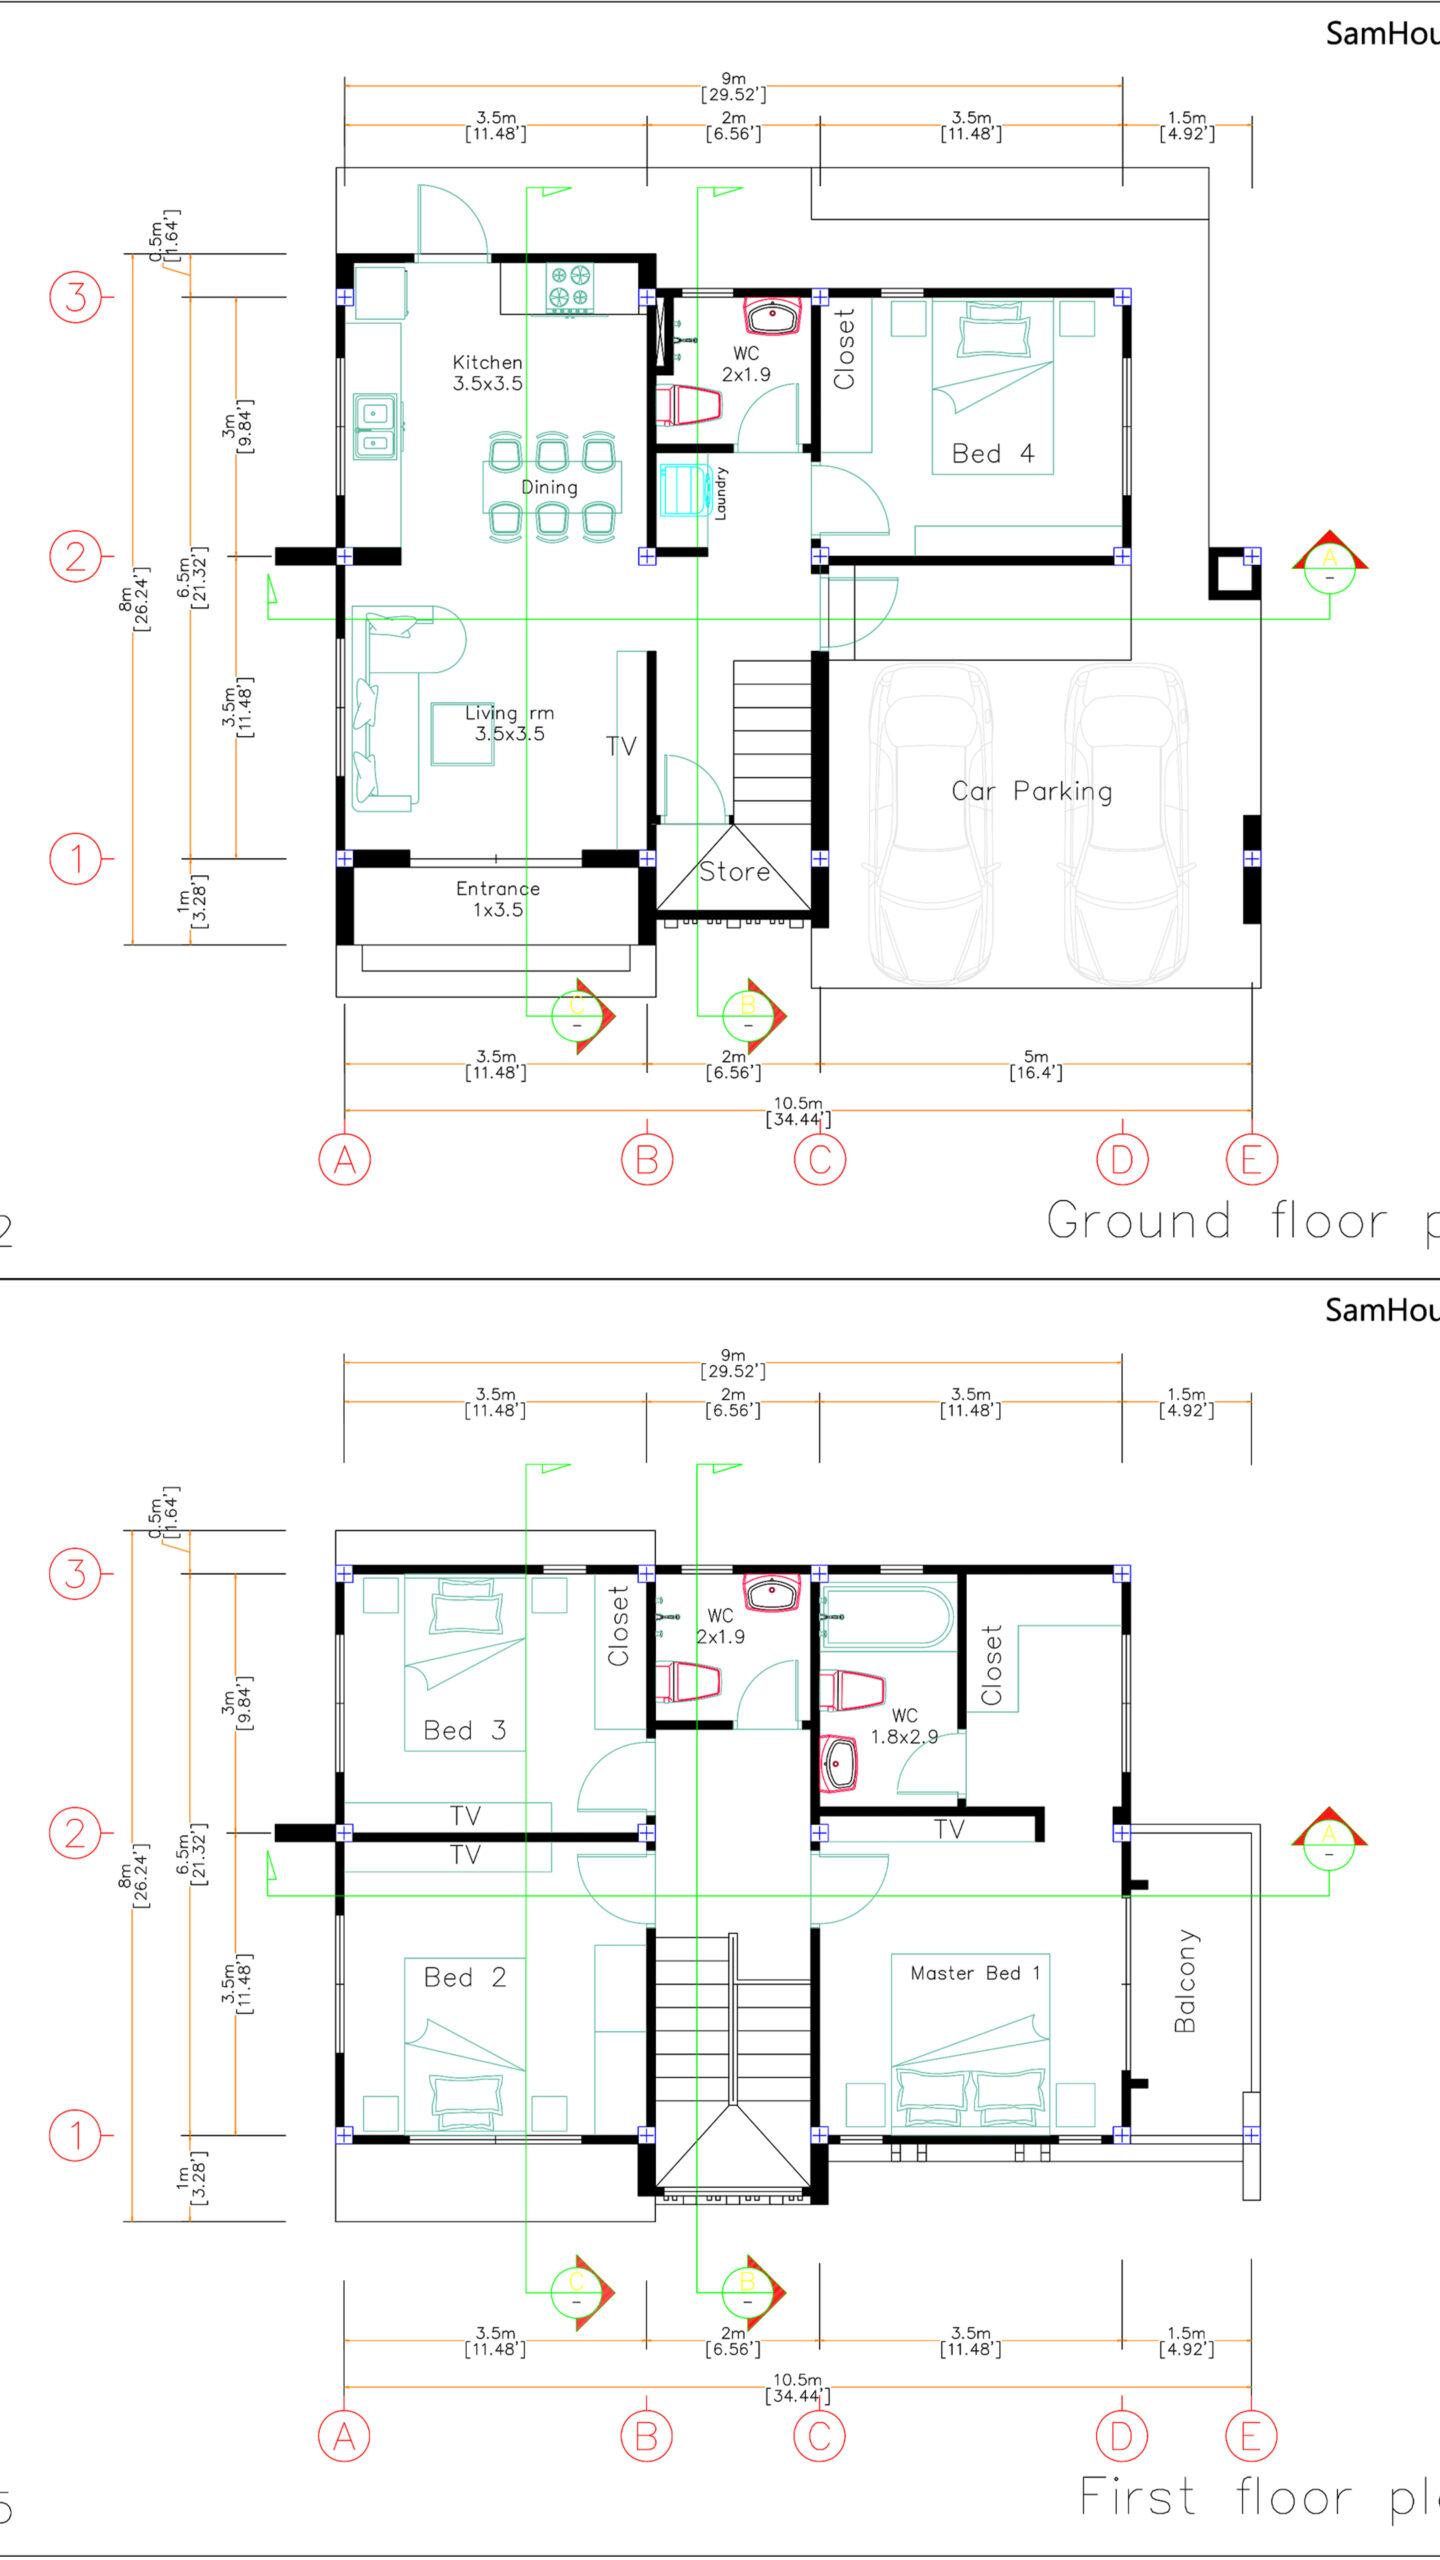 House Design Plans 10.5x8 Meters 4 Bedrooms Layoput floor plan all